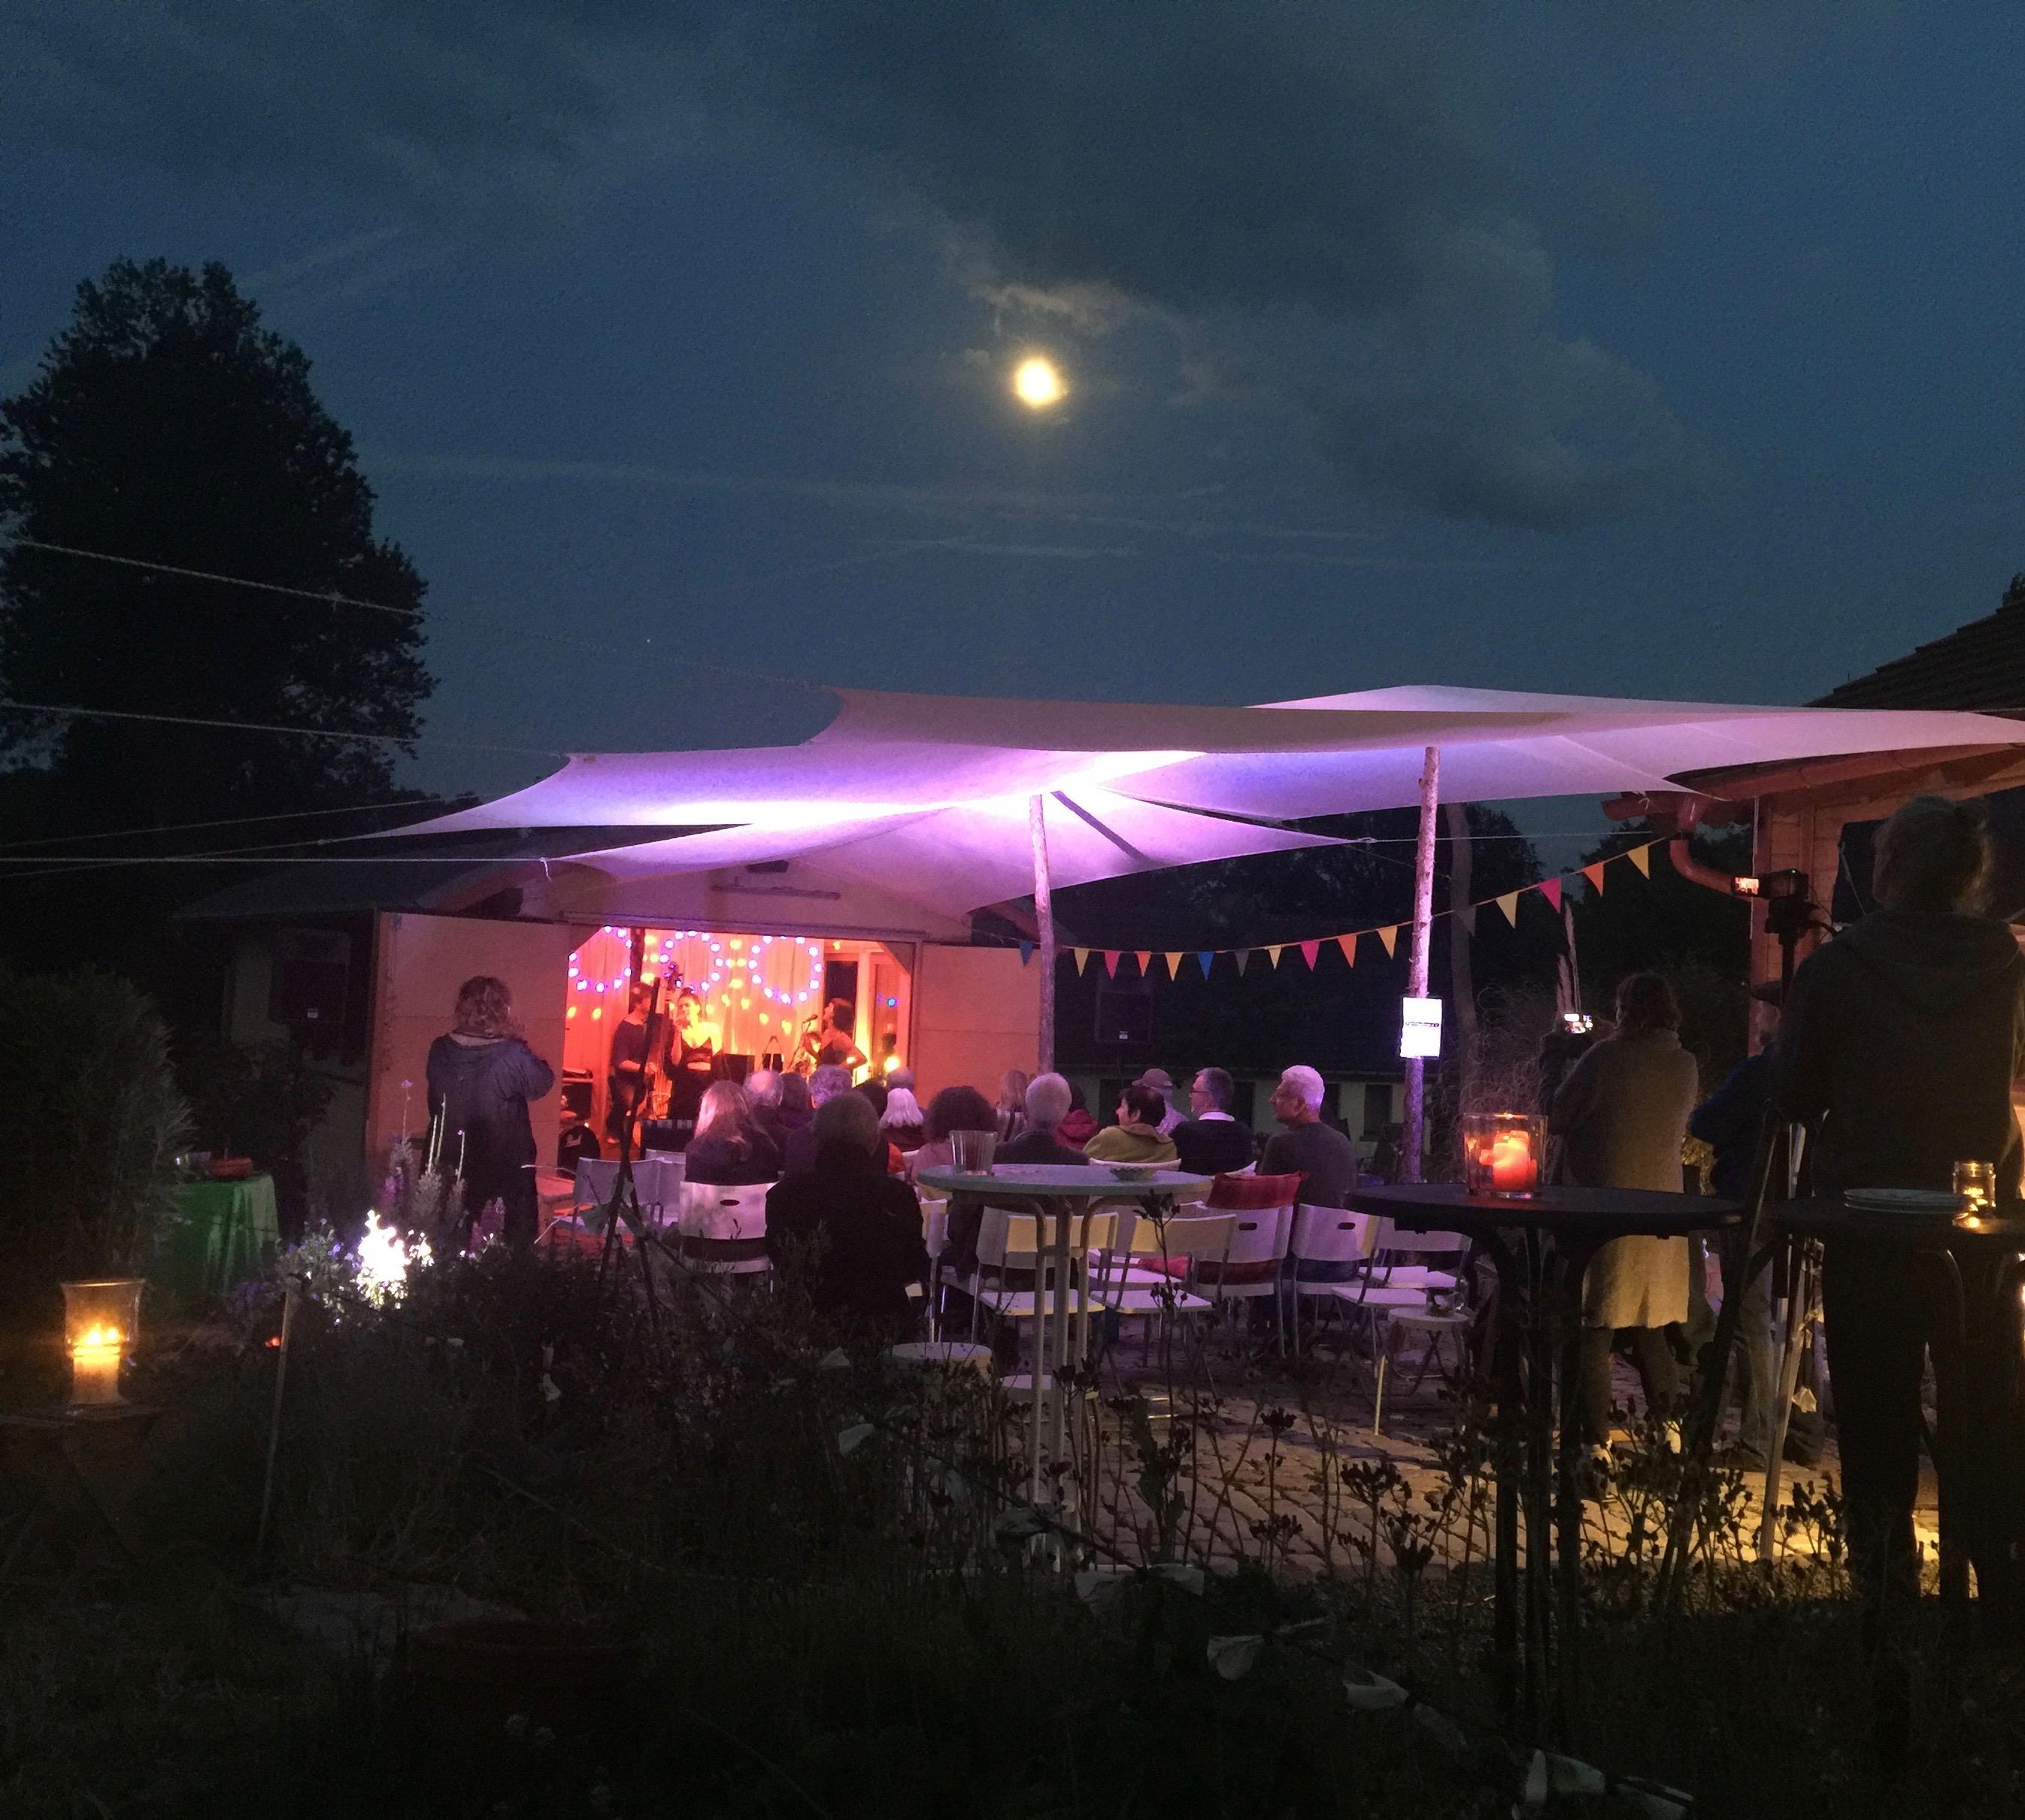 2. Musikfest Forstmehren